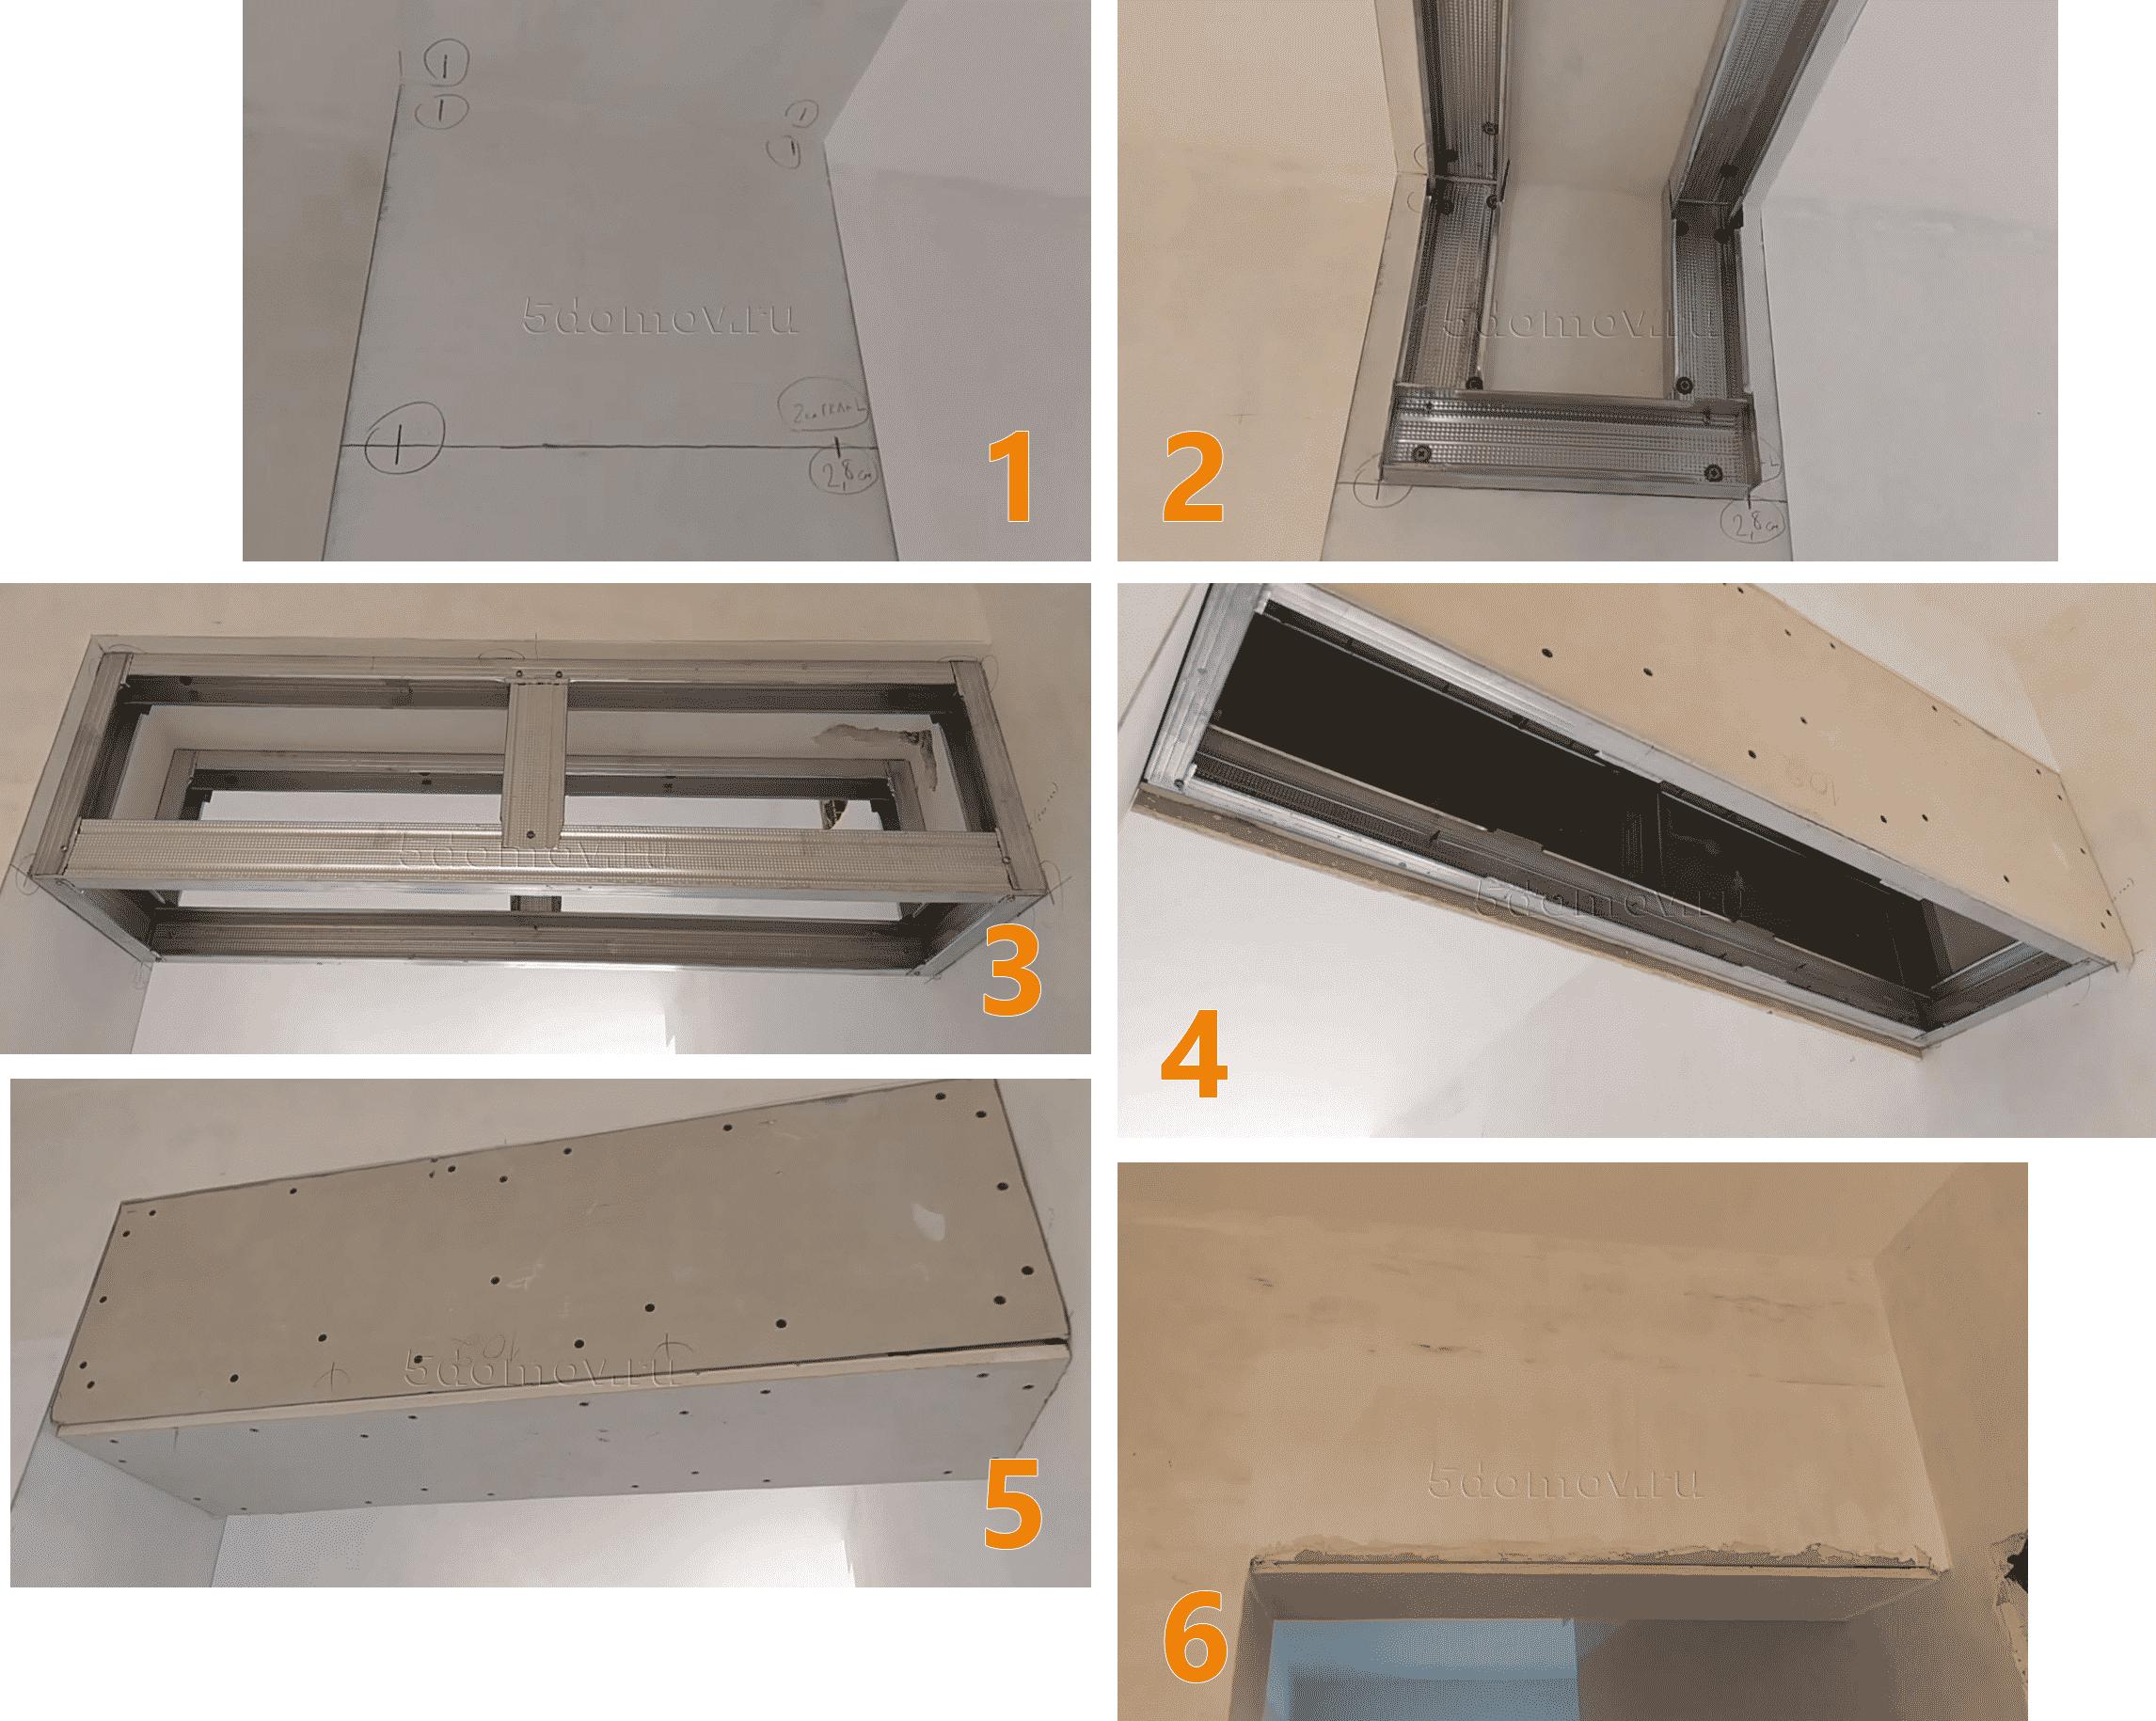 Как уменьшить дверной проем по высоте | Как уменьшить дверной проем: по ширине, по высоте, гипсокартоном, брусом, кирпичом